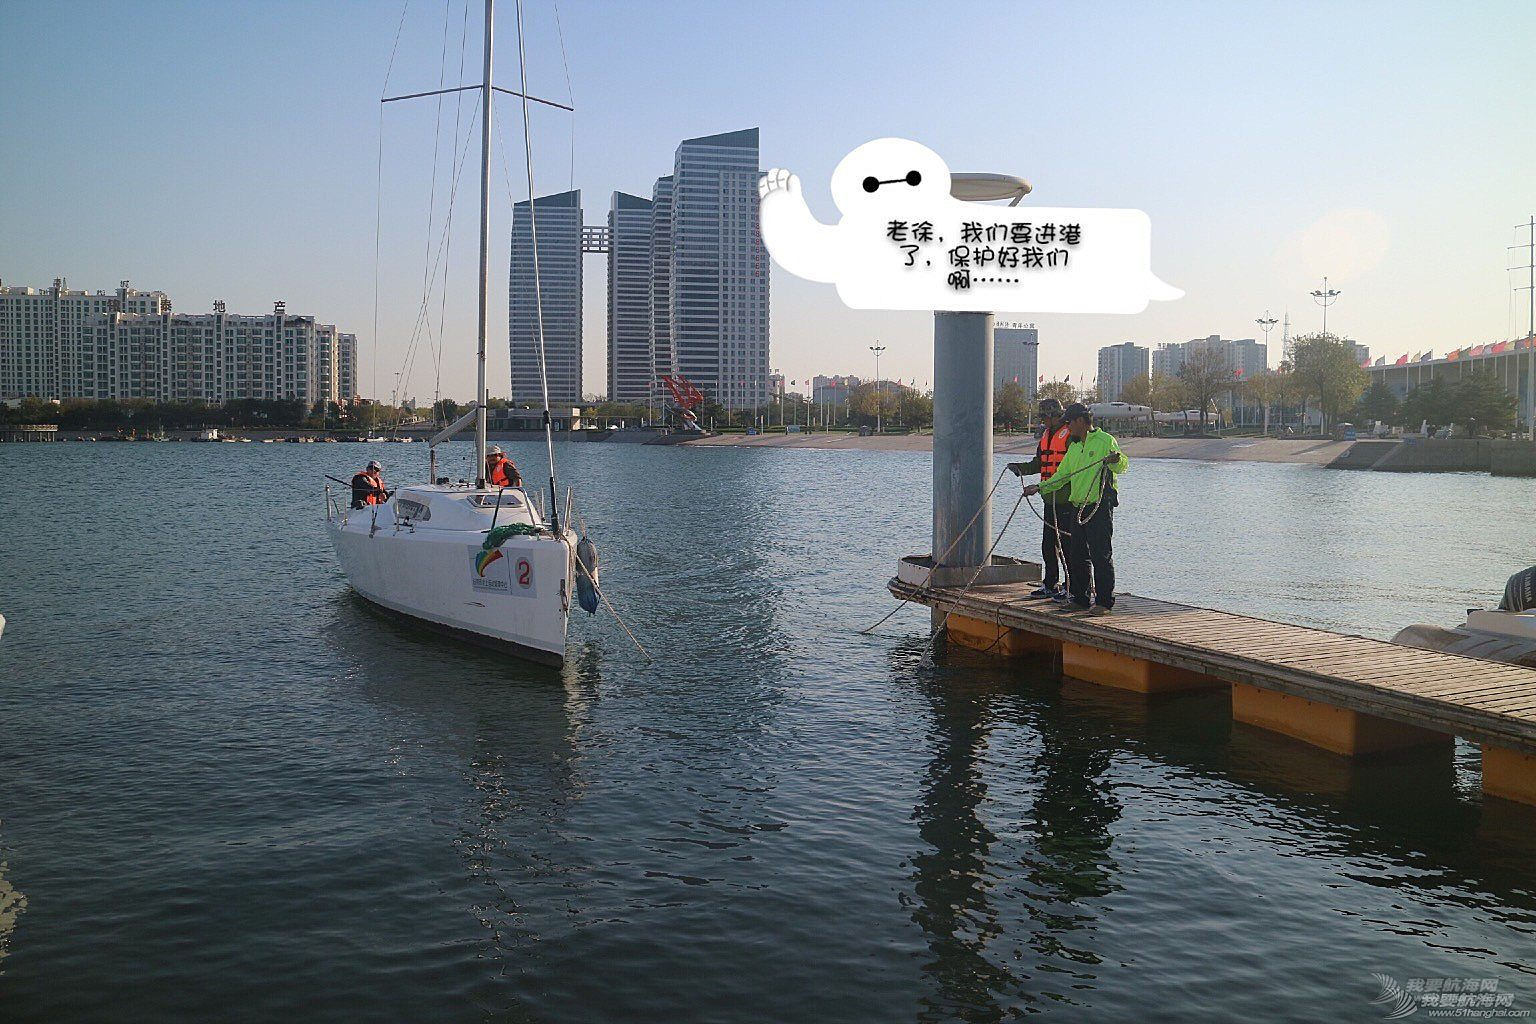 青春痘 cat的航海日志之(青春痘免费来学船)33章节